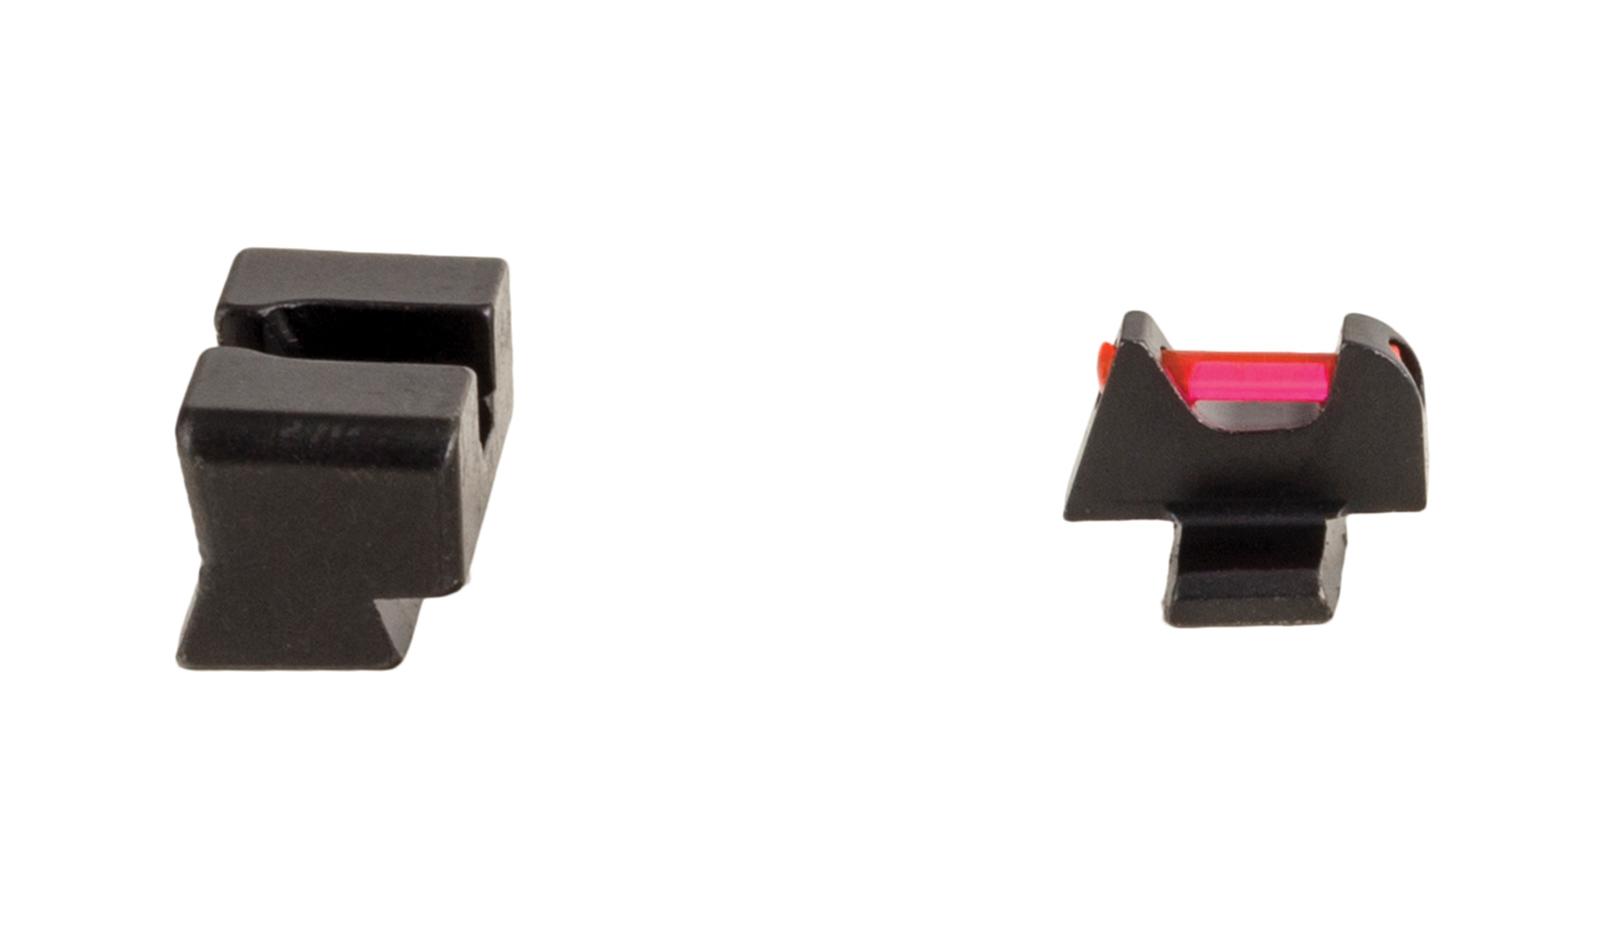 SG701-C-601050 angle 2